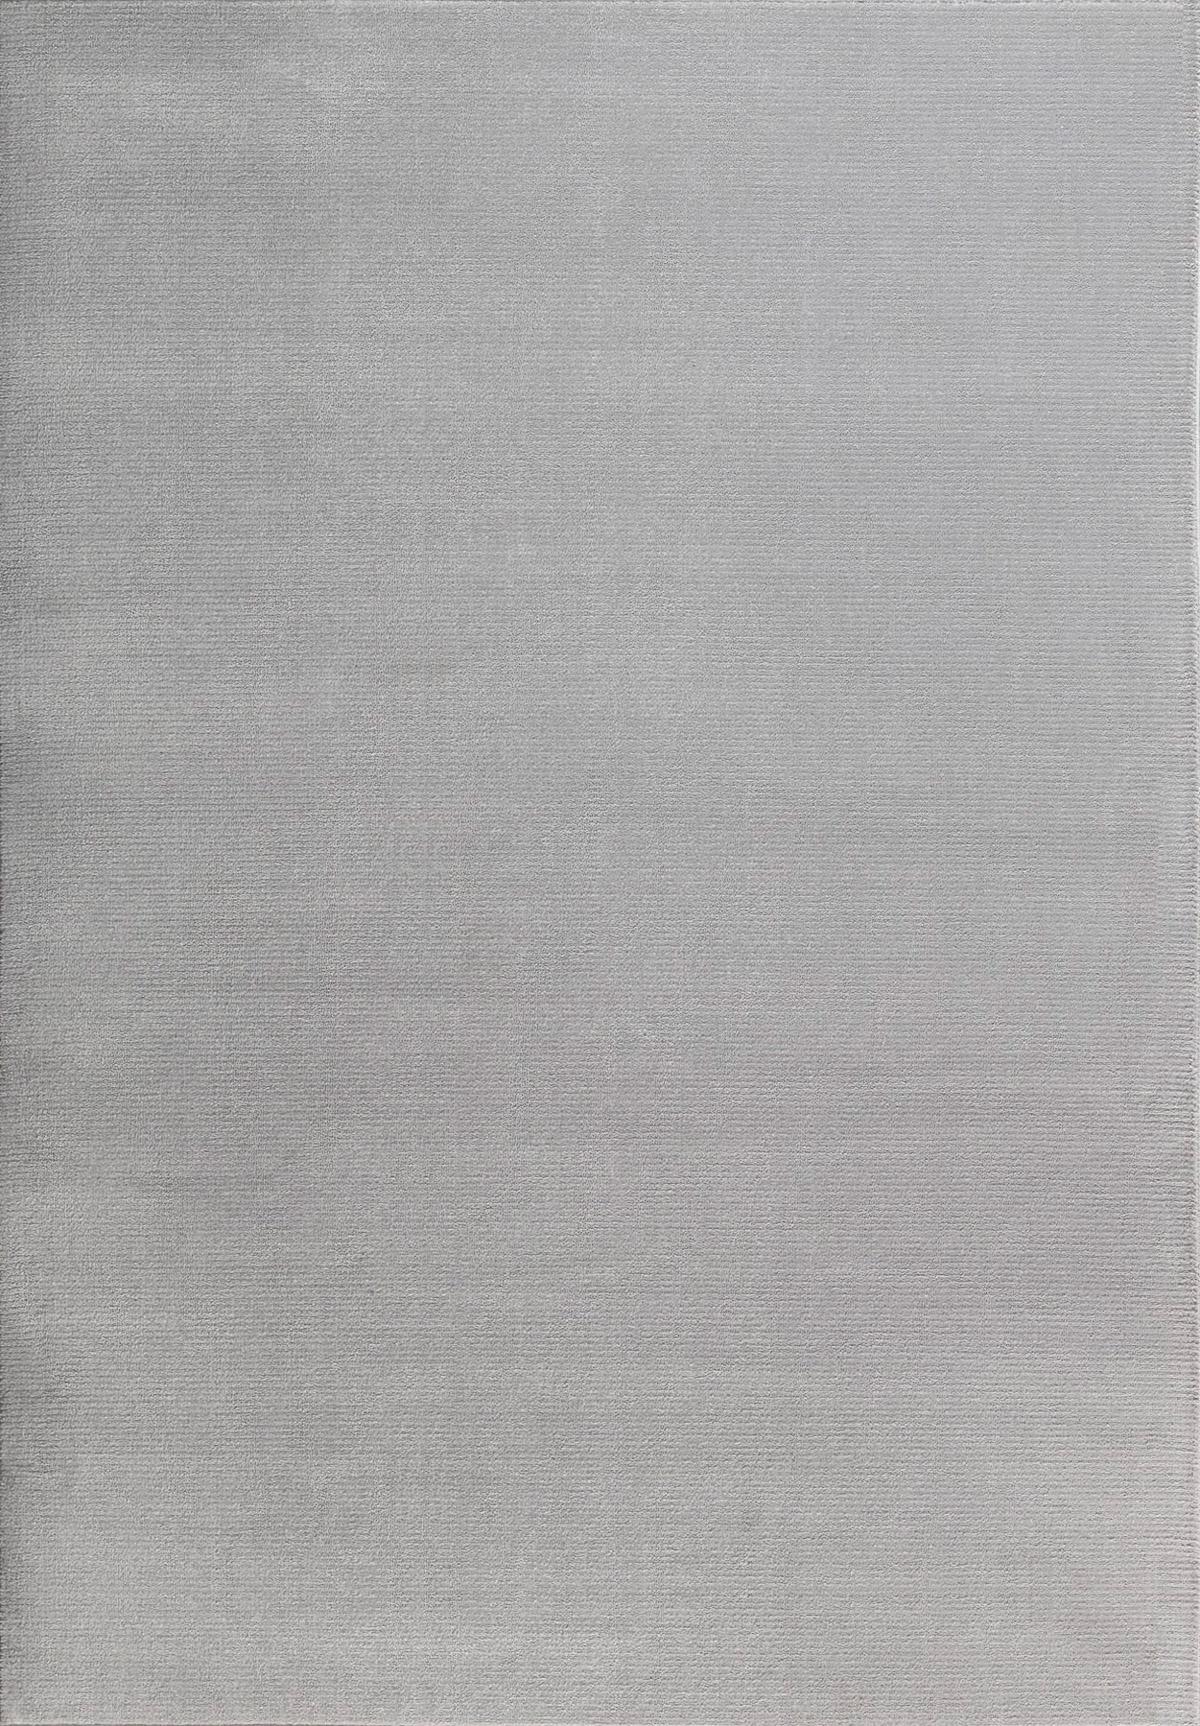 Tapis moderne uni doux gris 200x290